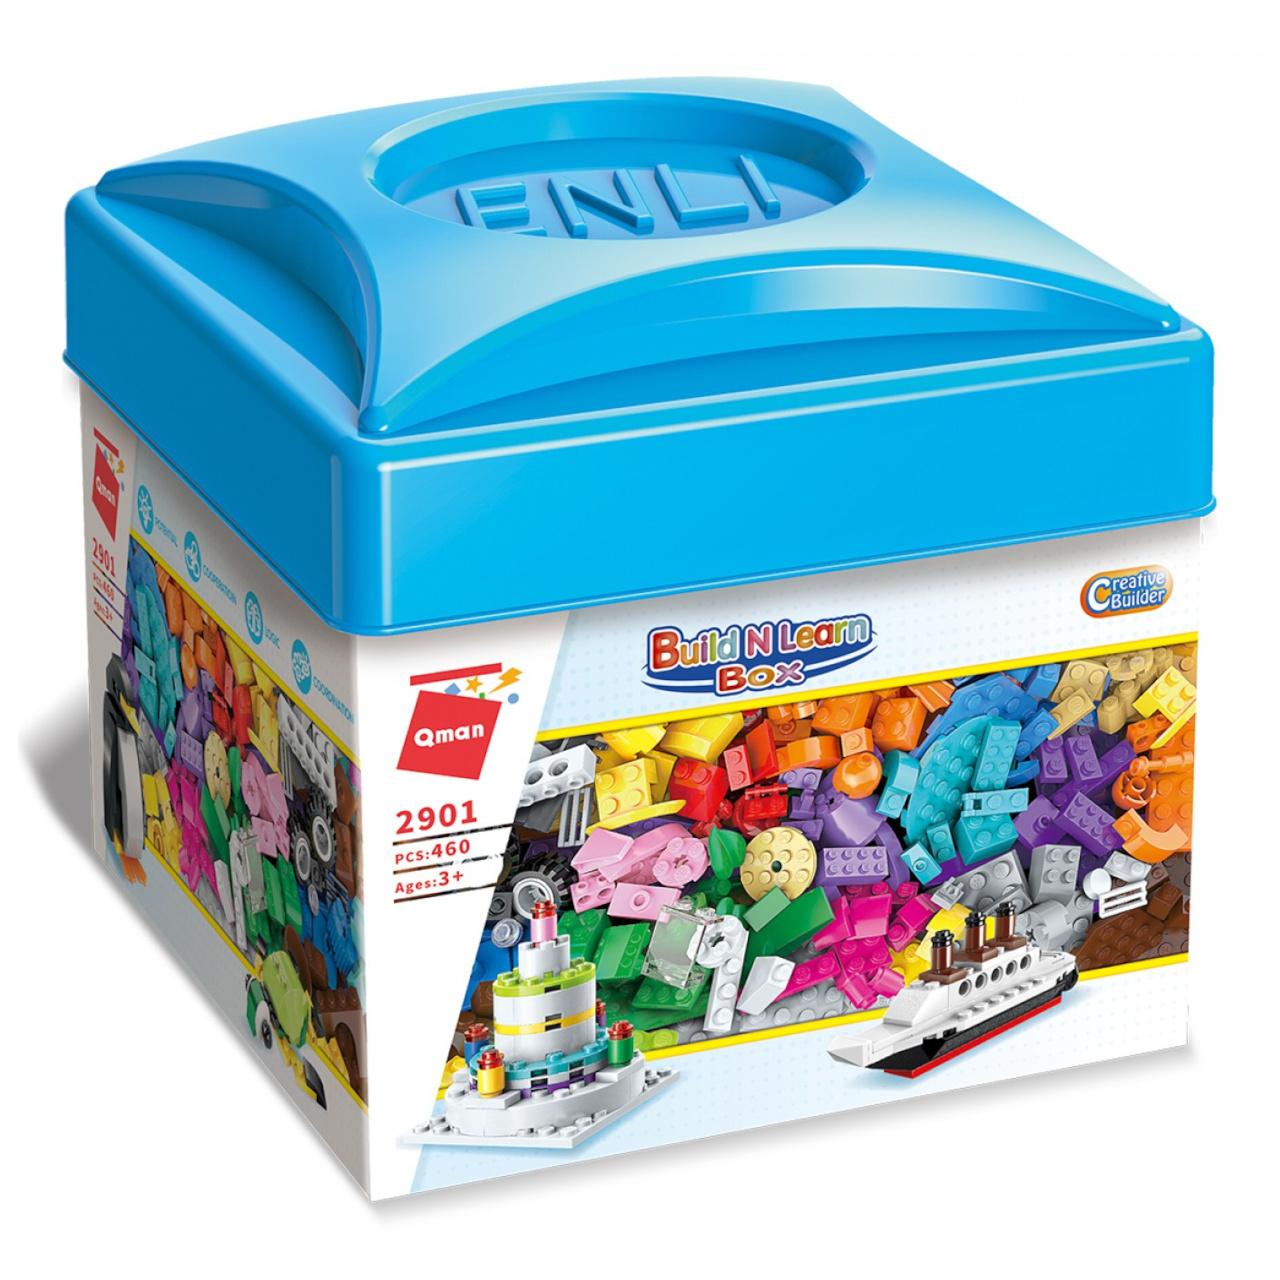 Qman Build N Learn 2901 Stavební box základní